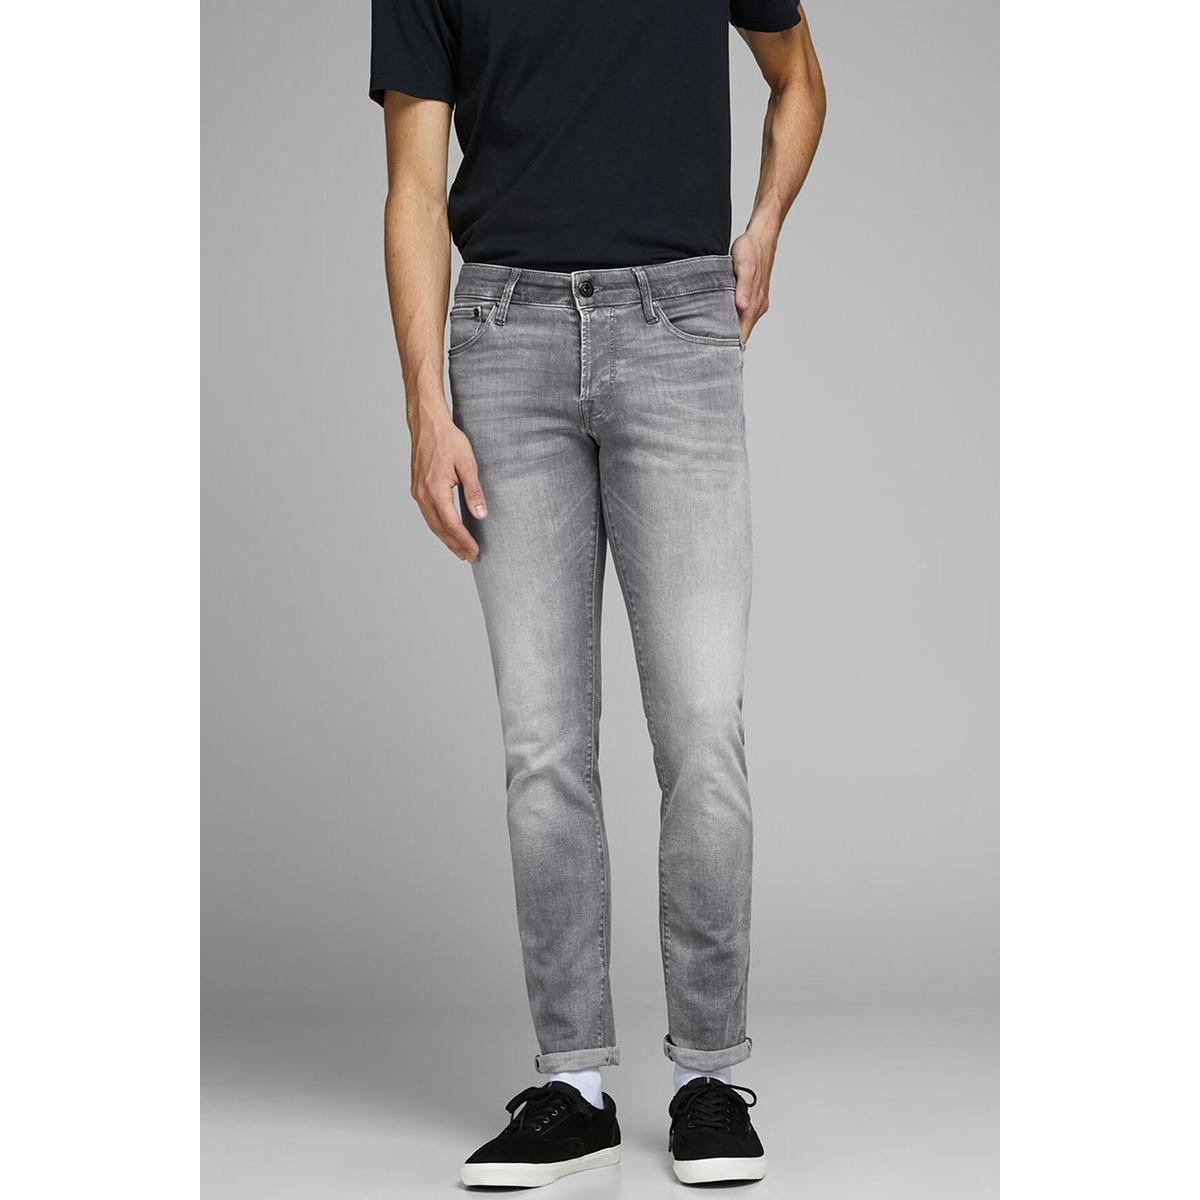 jjiglenn jjicon jj 257 50sps noos 12147024 jack & jones jeans grey denim